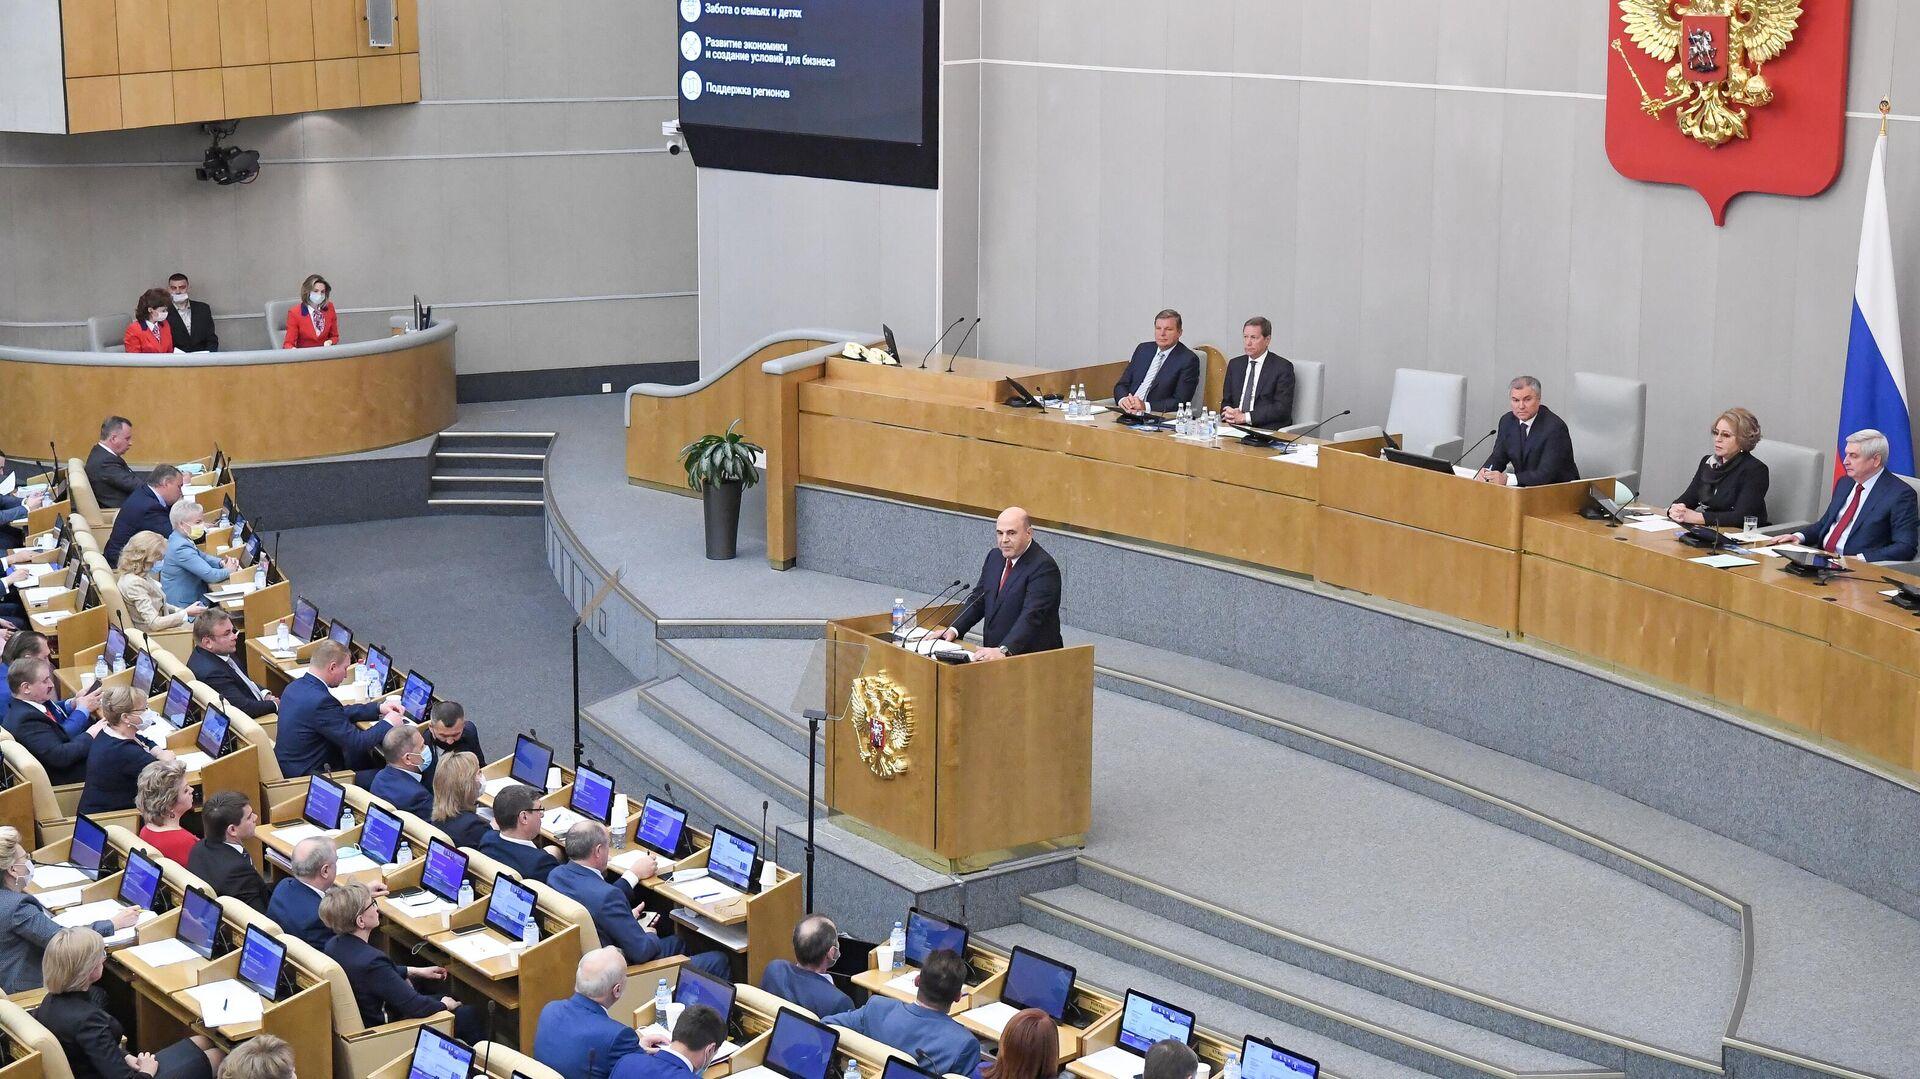 Председатель правительства РФ Михаил Мишустин выступает в Государственной думе РФ с отчетом о работе правительства за 2020 год - РИА Новости, 1920, 12.05.2021